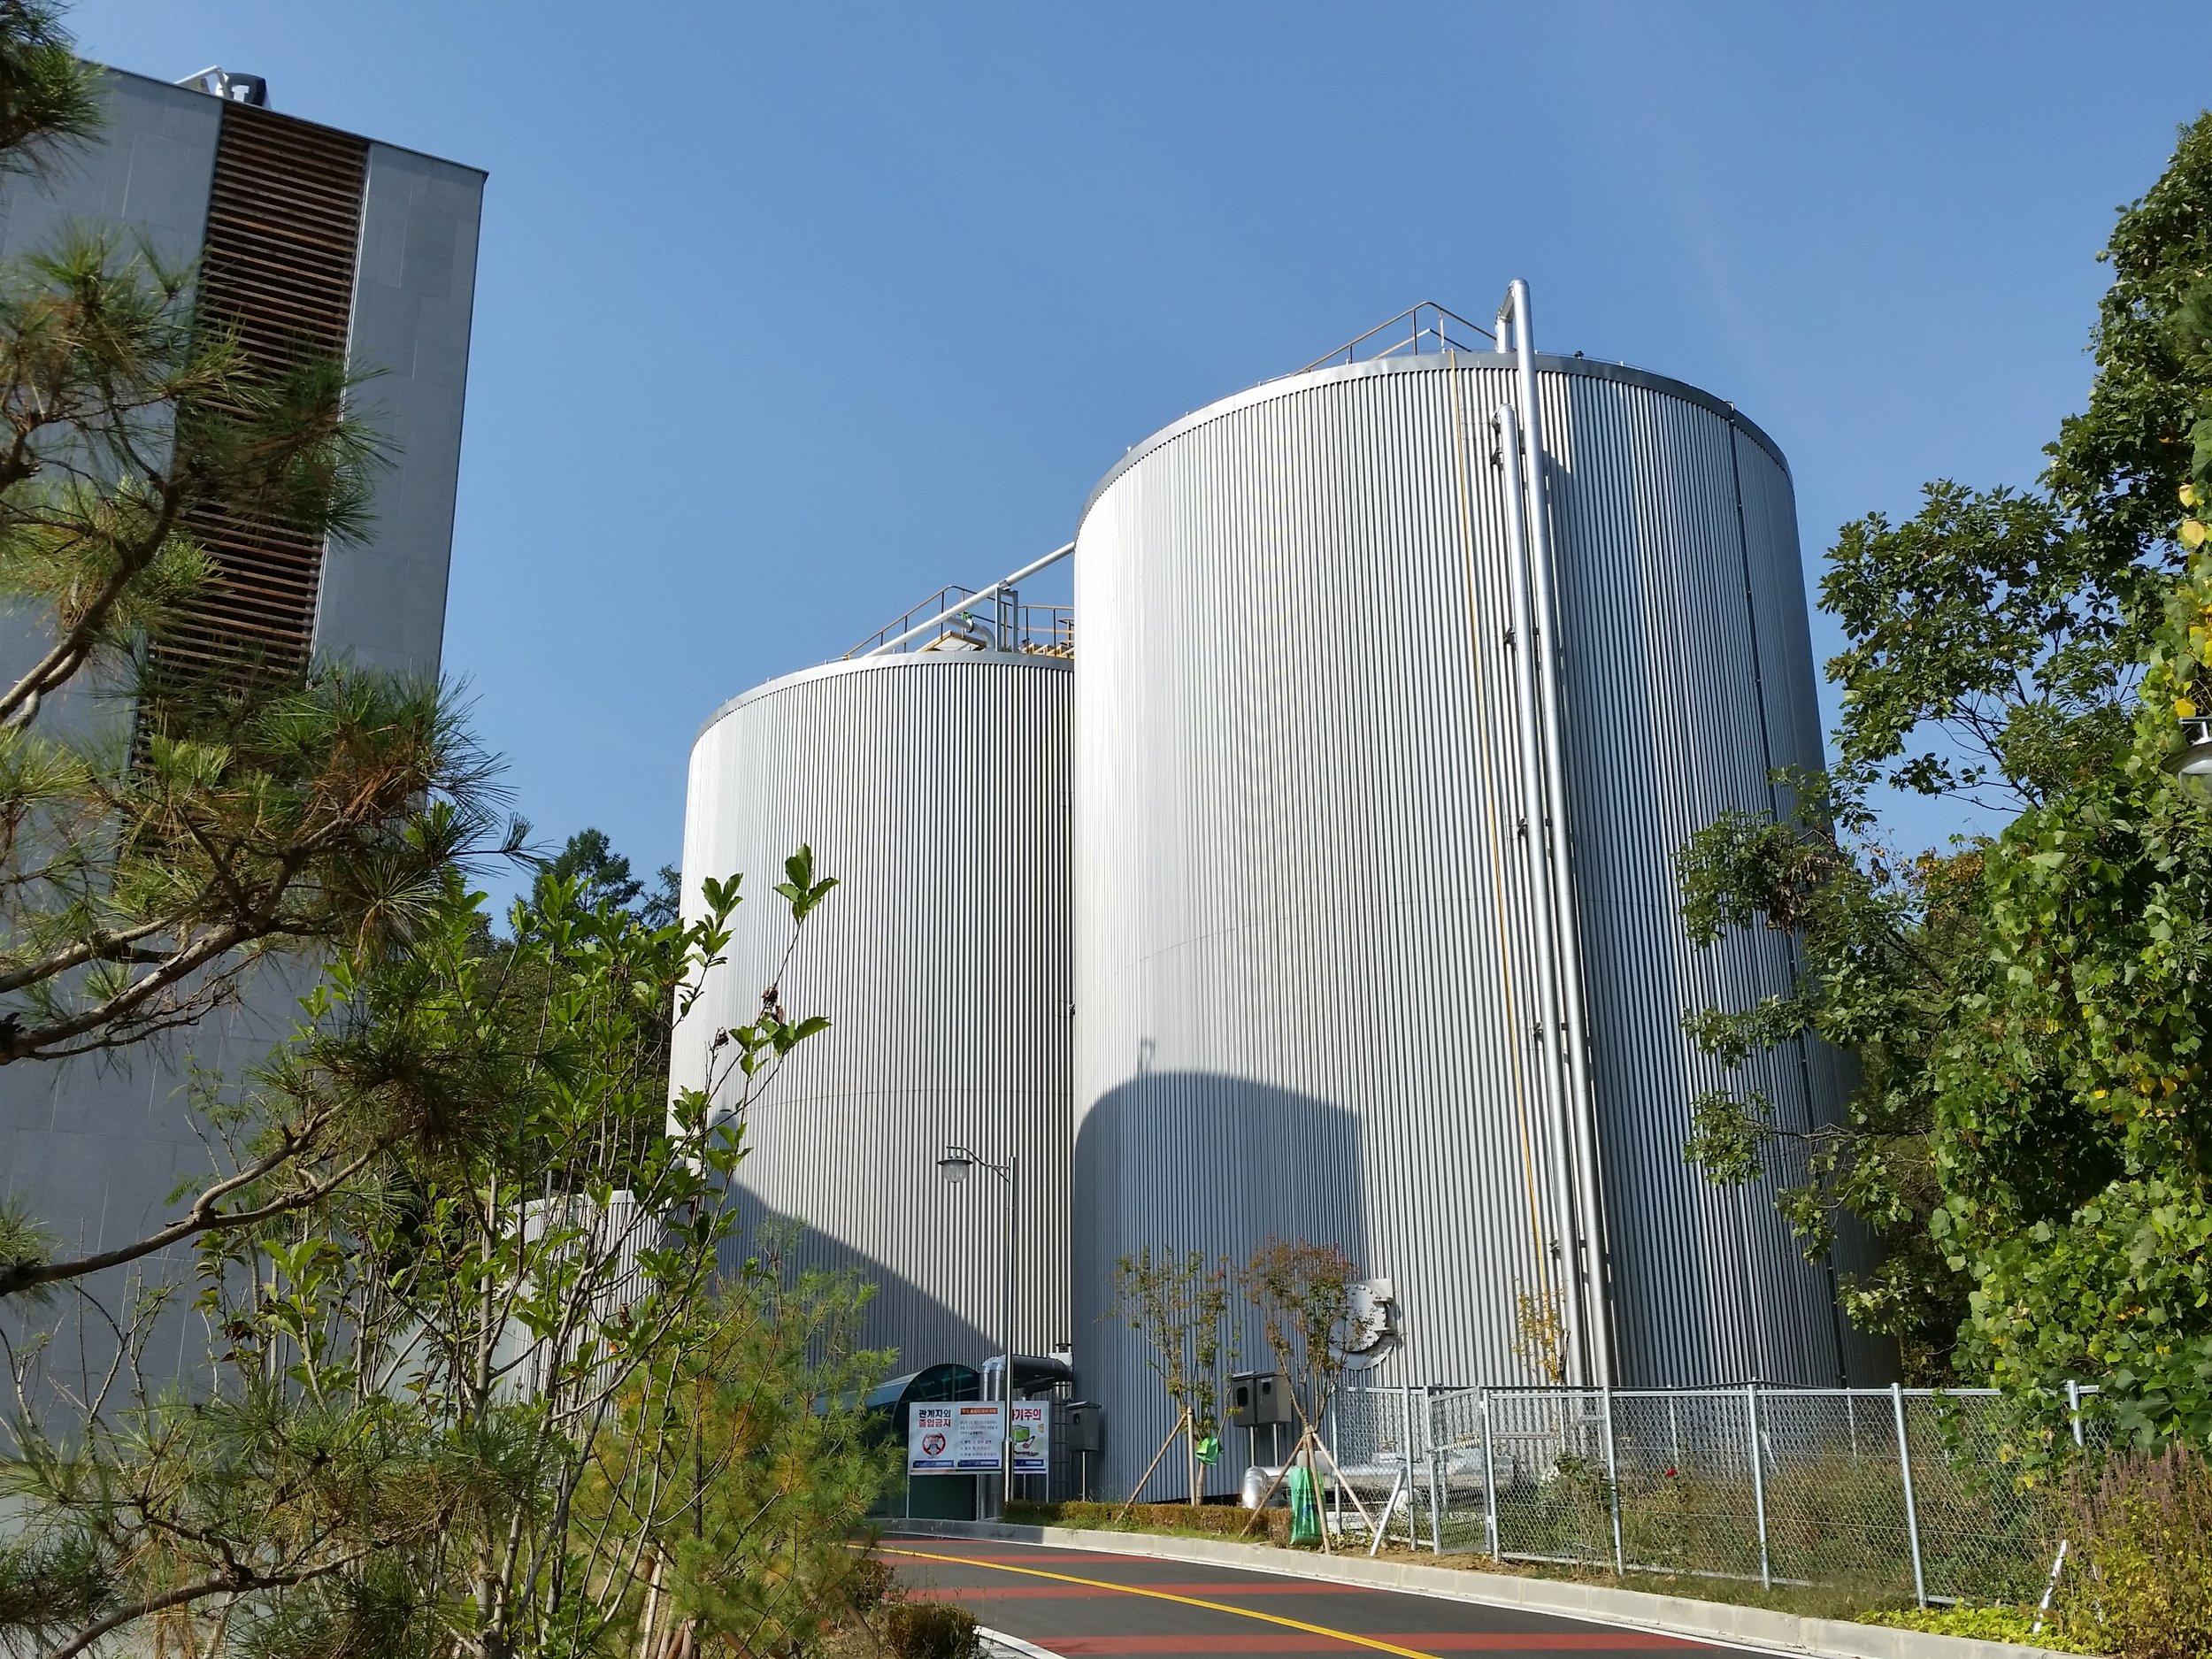 홍천 친환경 에너지타운 가축분뇨 공공처리시설 내 혐기소화조